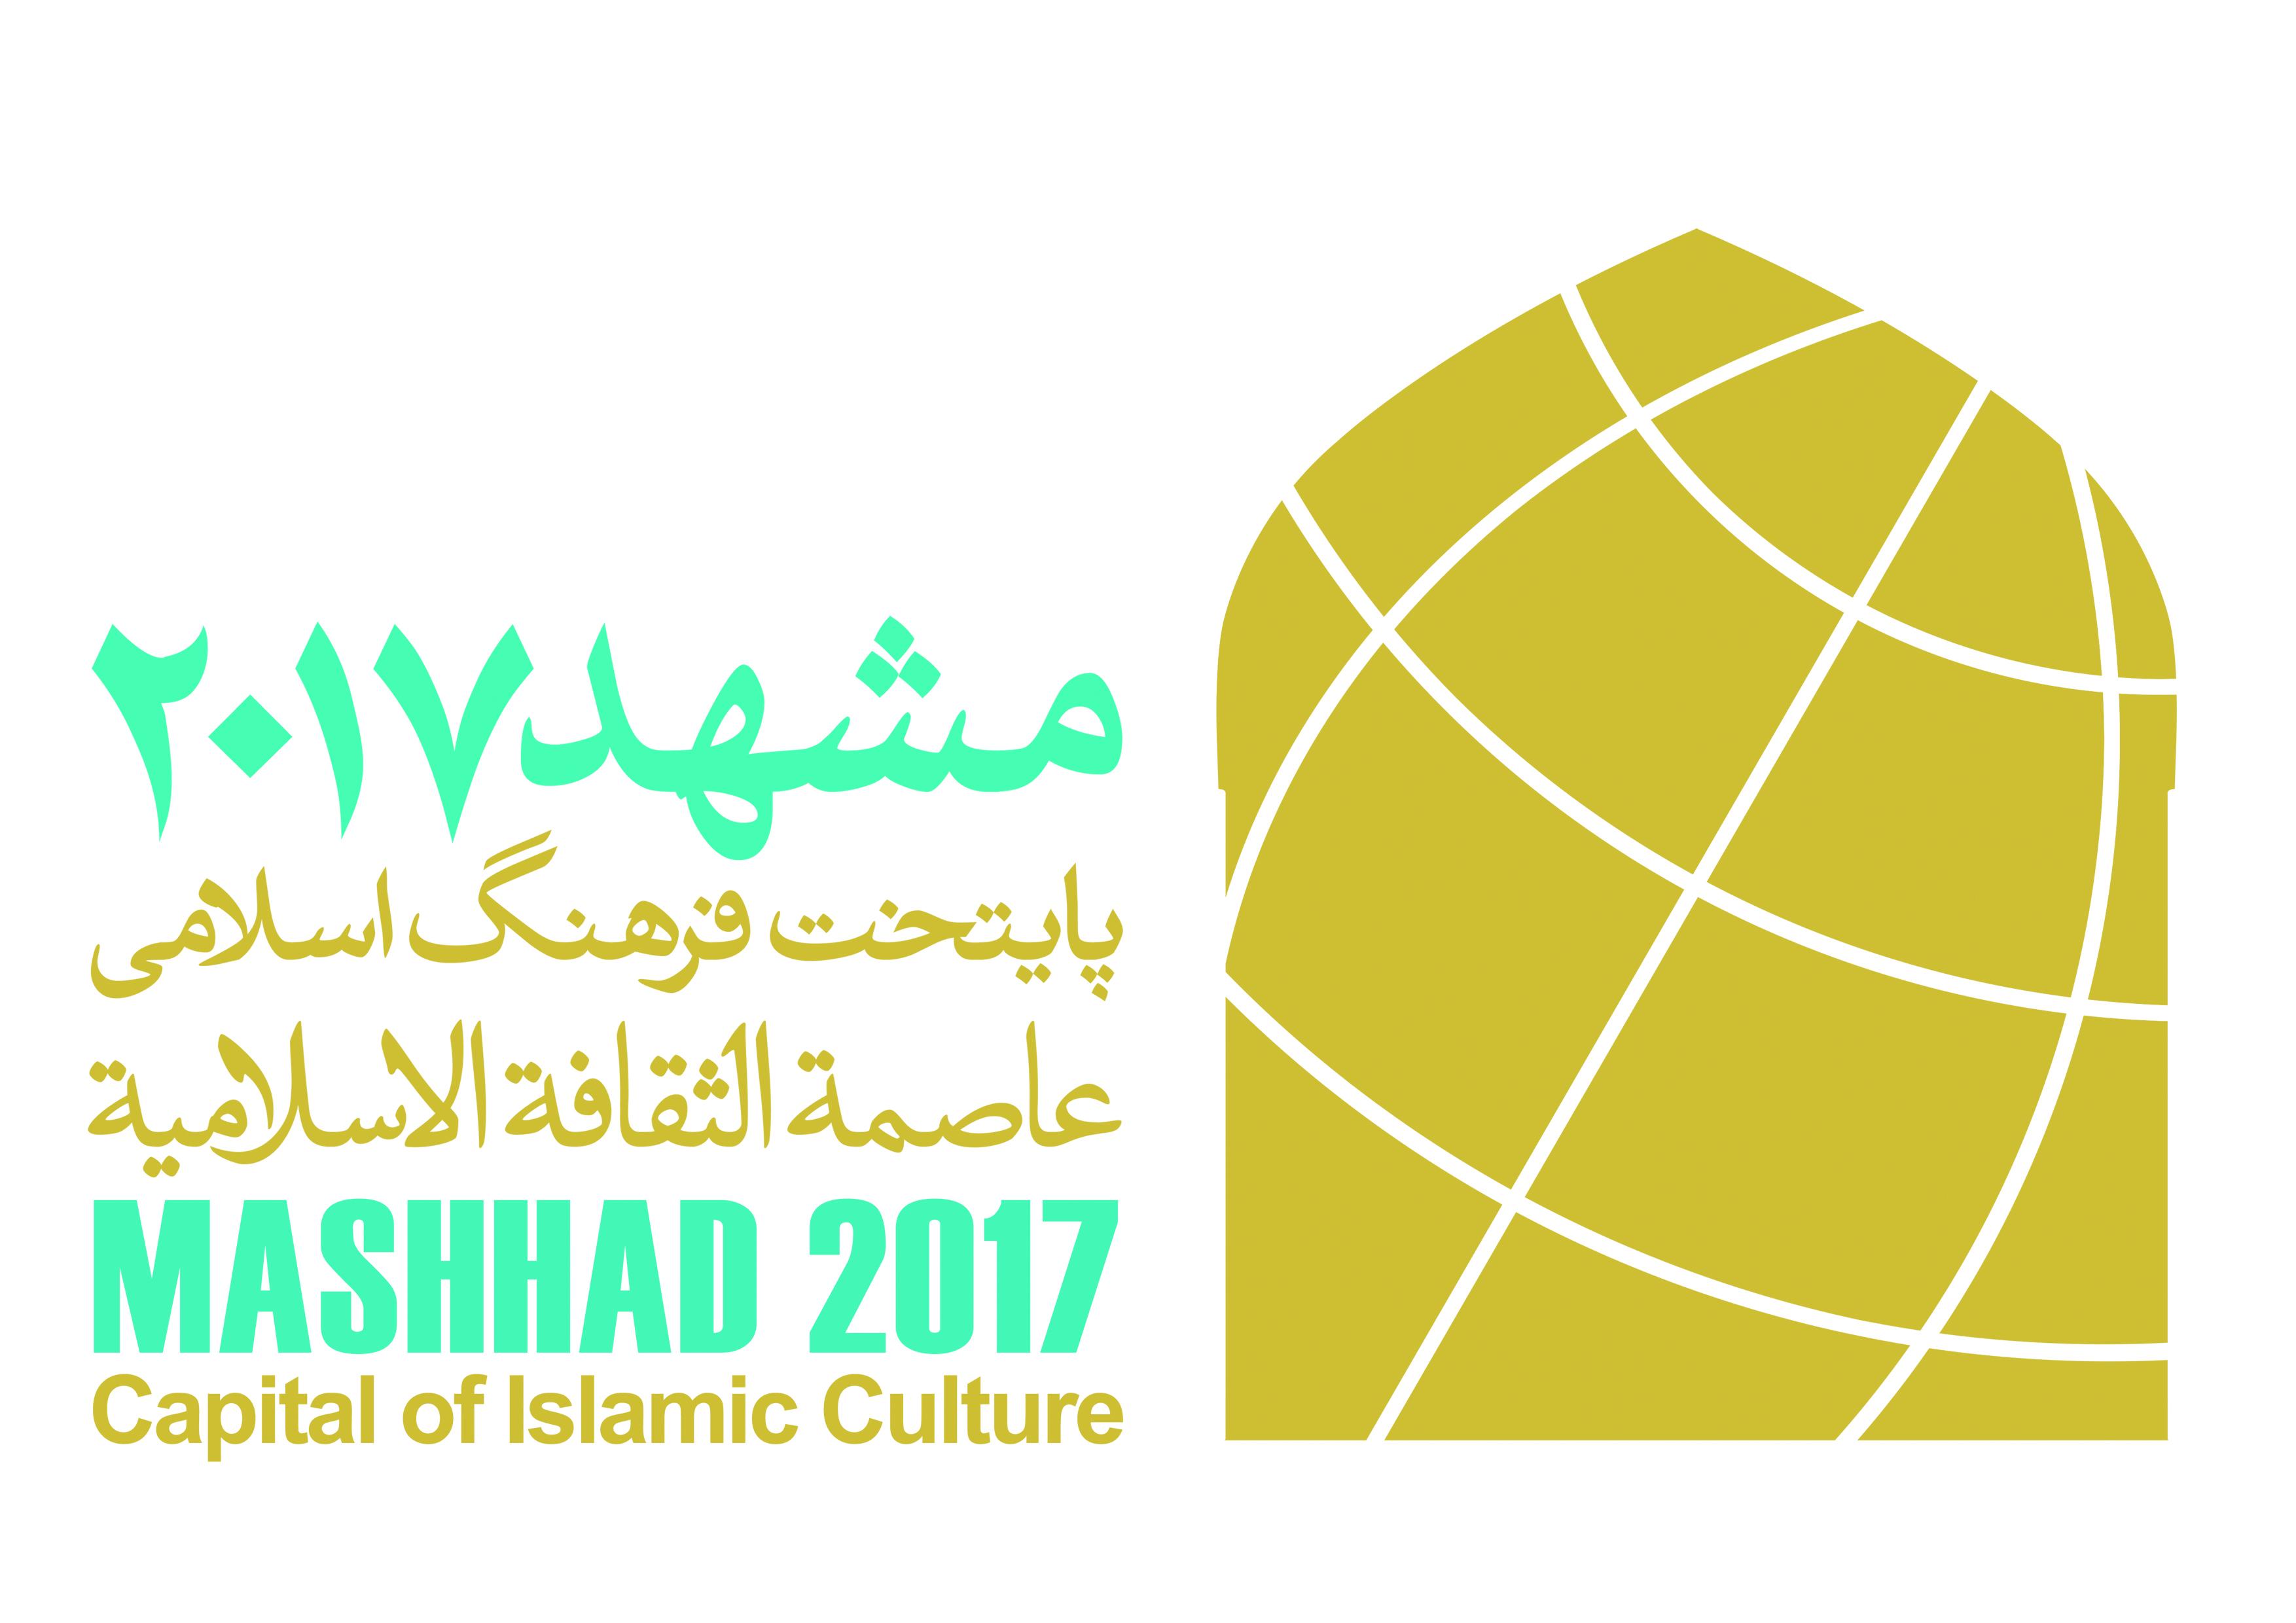 رییس شورای برنامه ریزی و هماهنگی پایتخت فرهنگ اسلامی خبر داد: تهیه و تدوین جدول برنامه ها و تقویم رویدادهای مشهد 2017